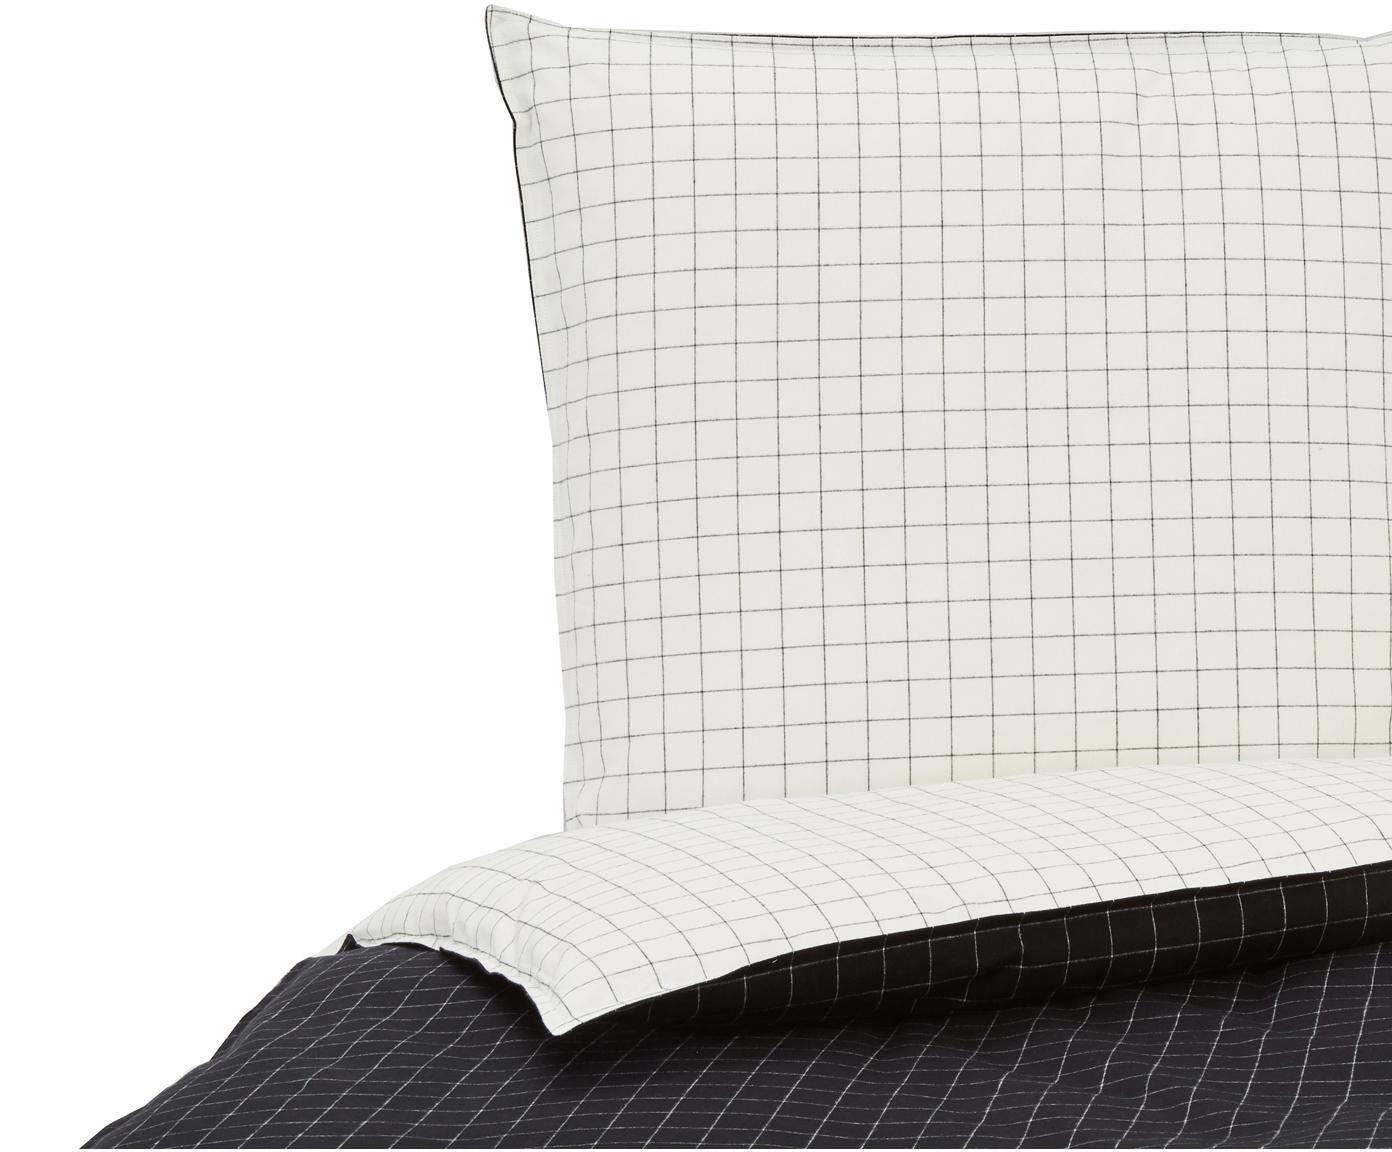 Flanell-Wendebettwäsche Myken, kariert, Webart: Flanell Flanell ist ein s, Schwarz, Weiß, 135 x 200 cm + 1 Kissen 80 x 80 cm